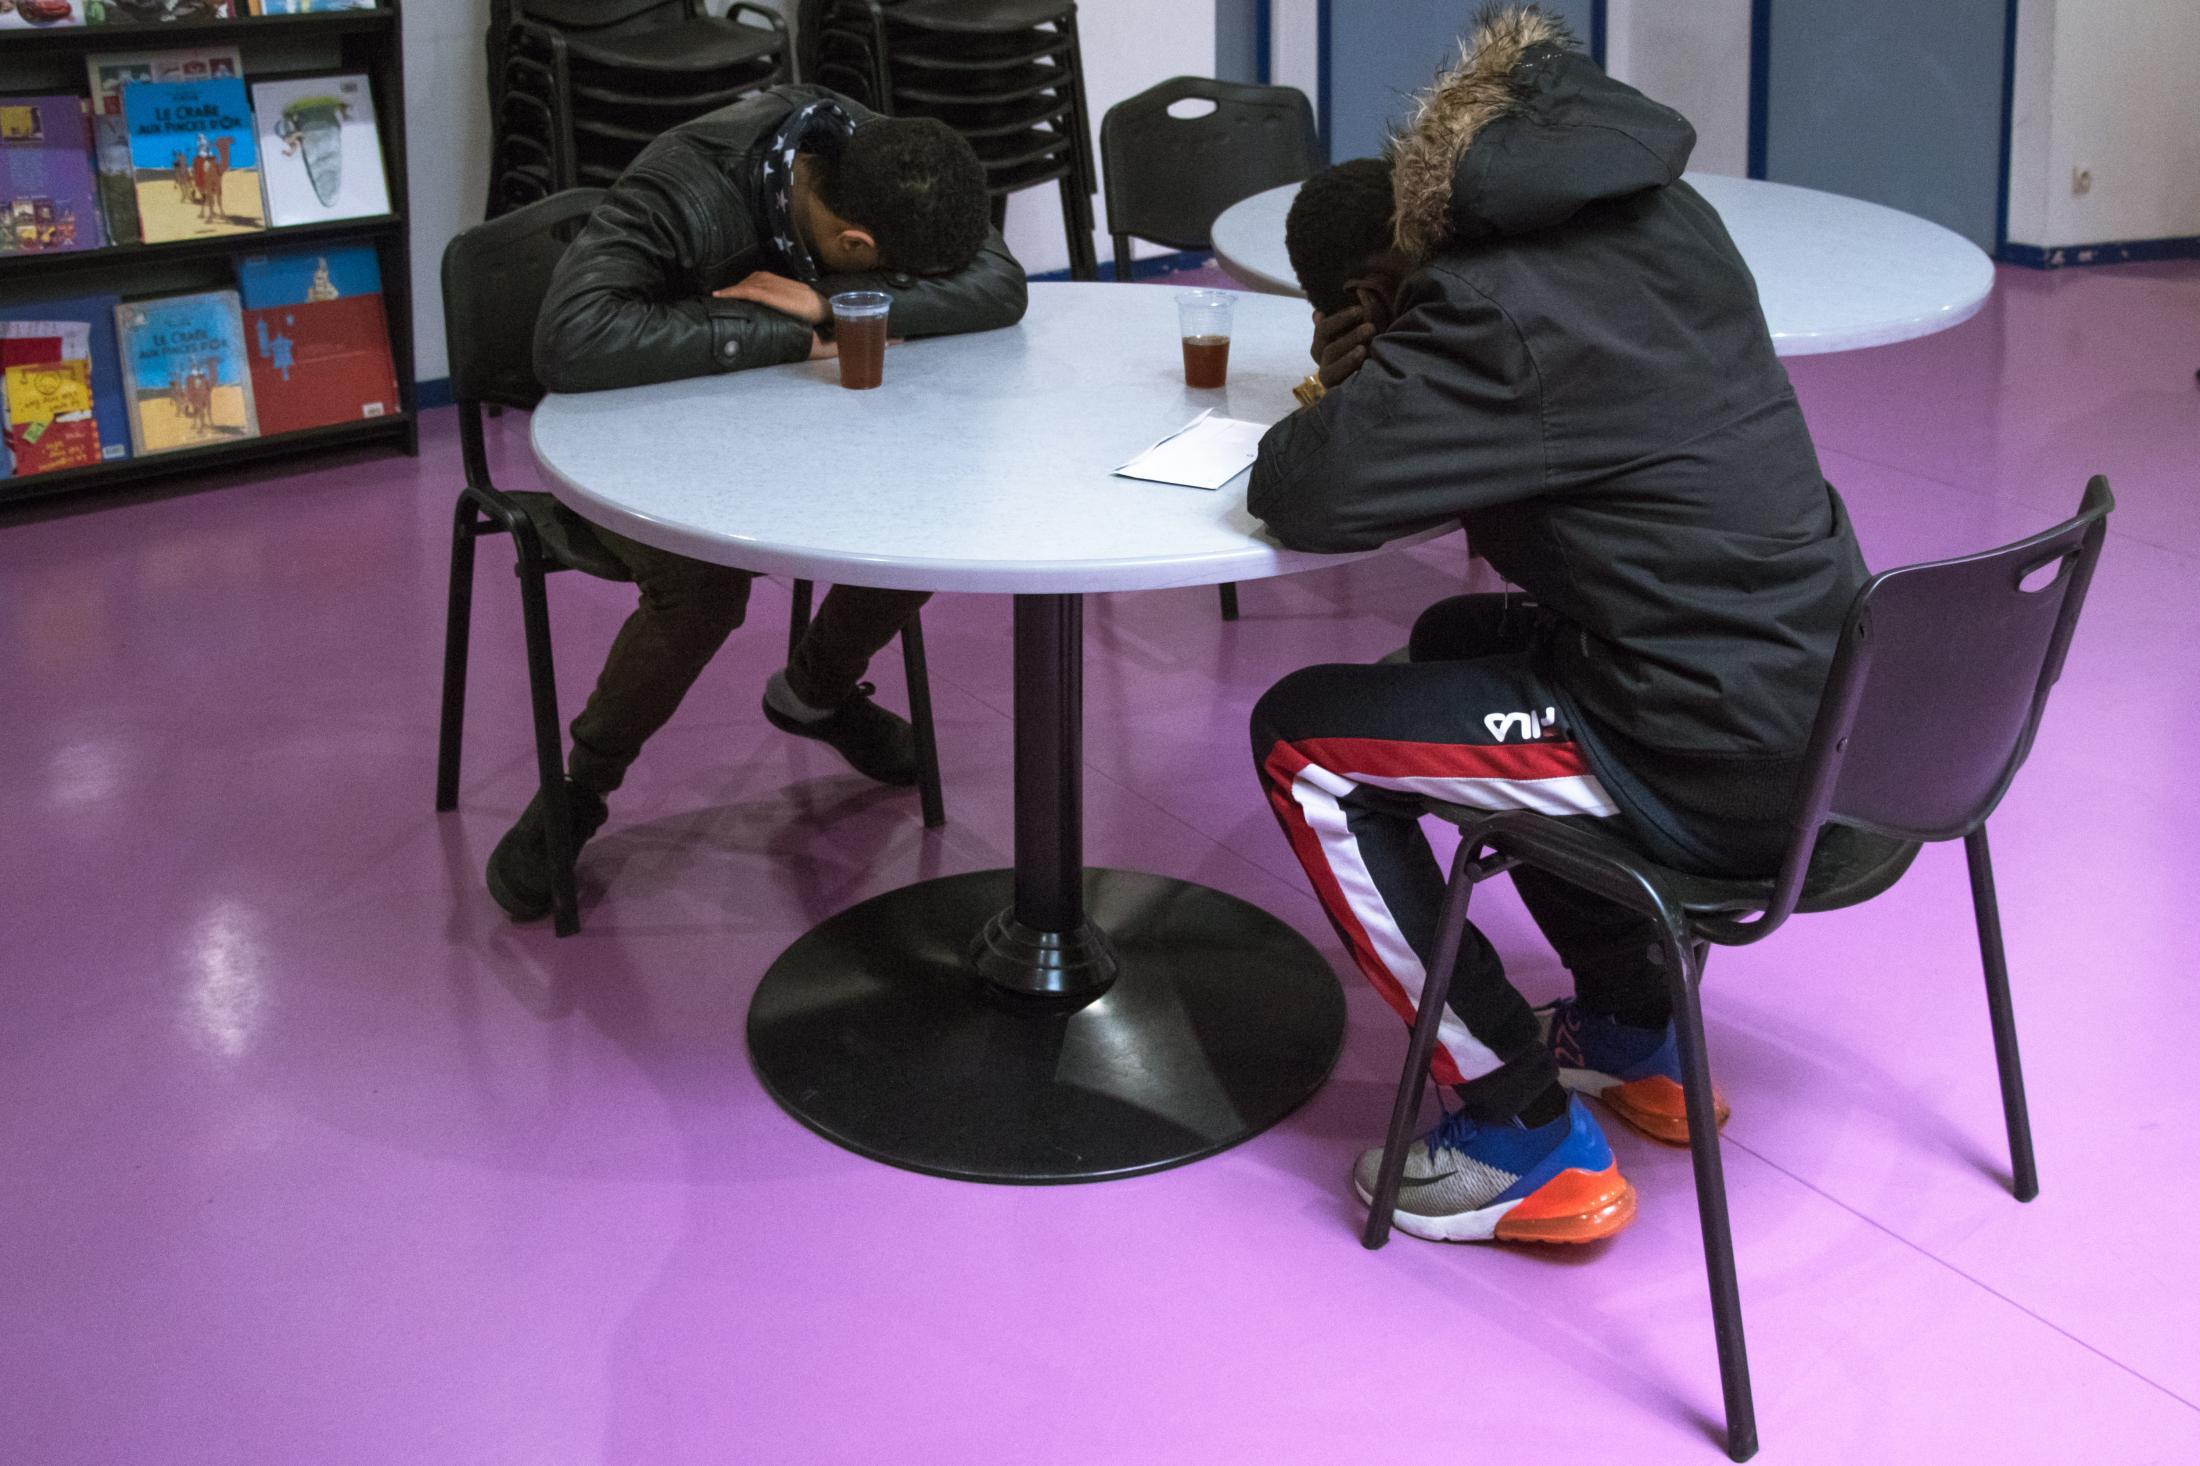 Deux jeunes exténués, un marocain (à gauche) et un malien (à droite), attendent leur entretien avec un évaluateur dans la salle d'attente du DEMIE 75 (Paris 11ème). Dramane (à droite) a dormi dans la cuisine d'un foyer.